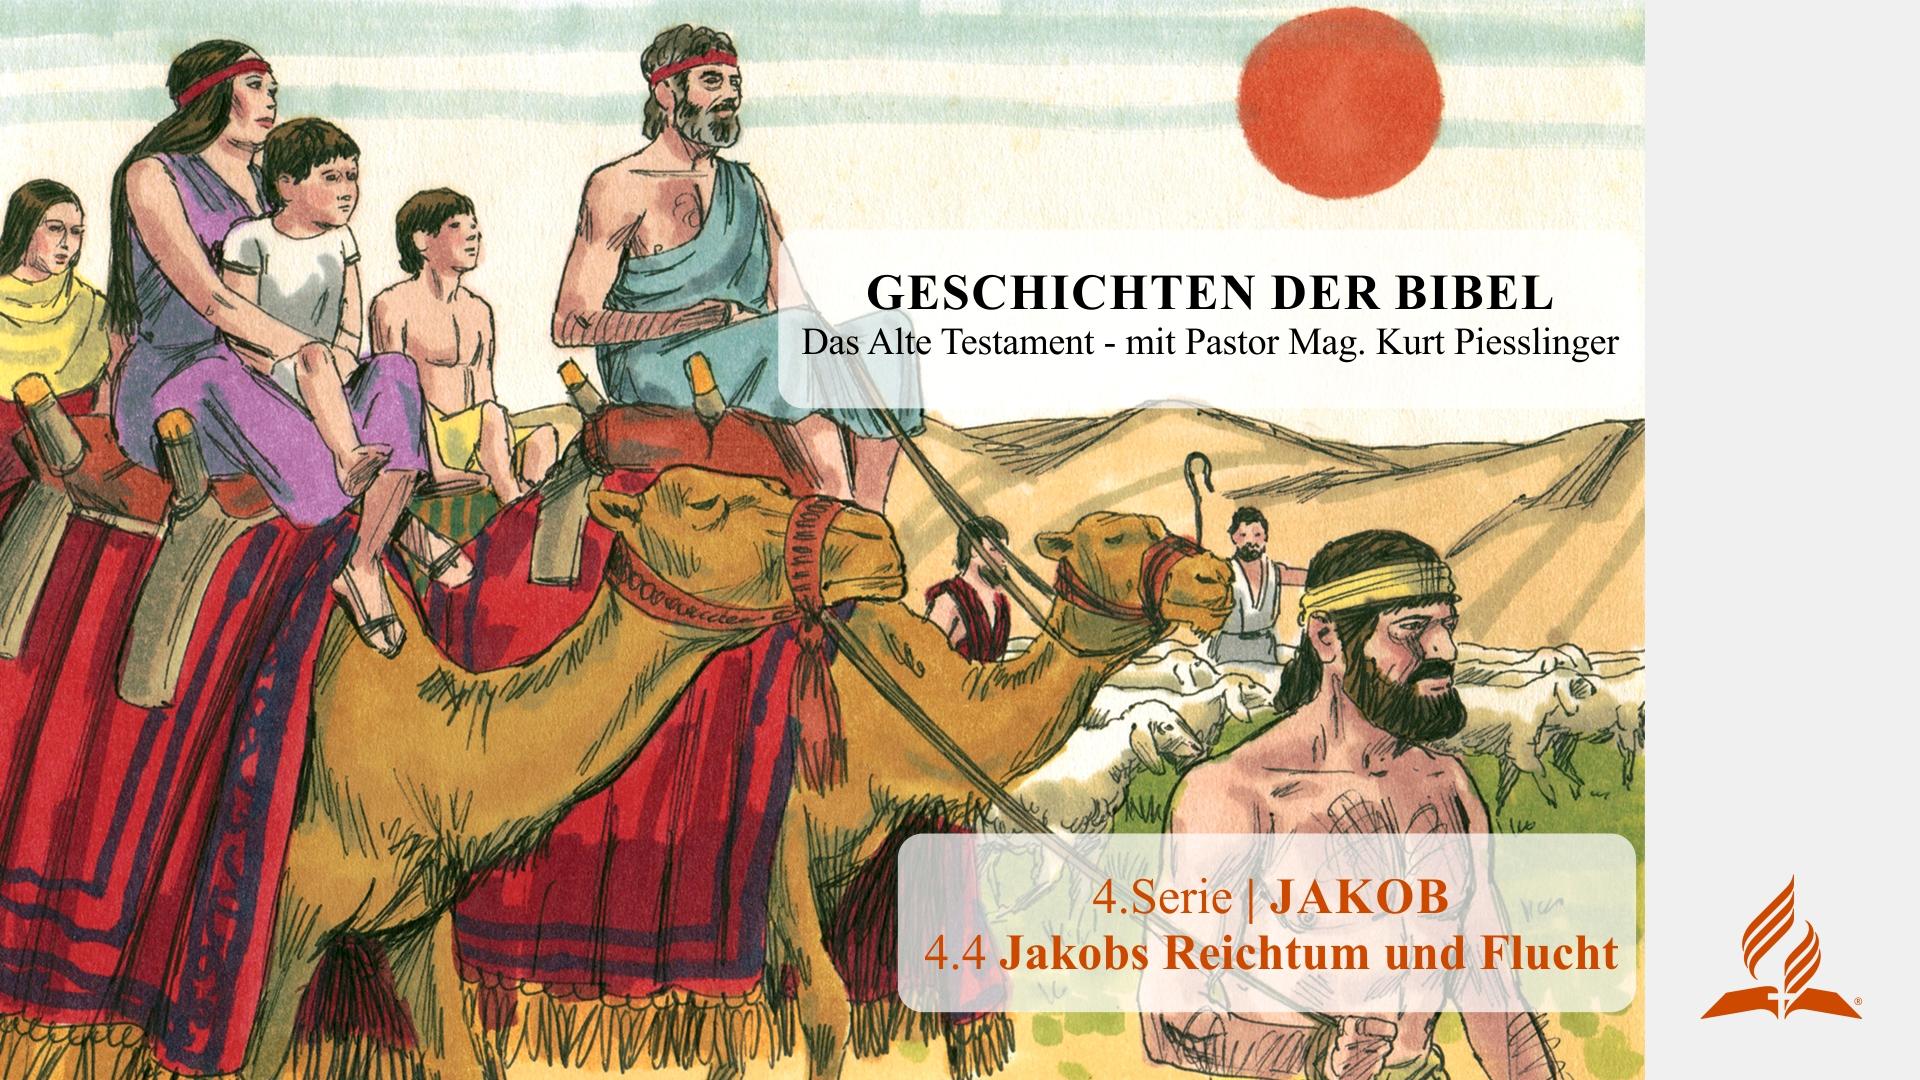 GESCHICHTEN DER BIBEL: 4.4 Jakobs Reichtum und Flucht – 4.JAKOB | Pastor Mag. Kurt Piesslinger